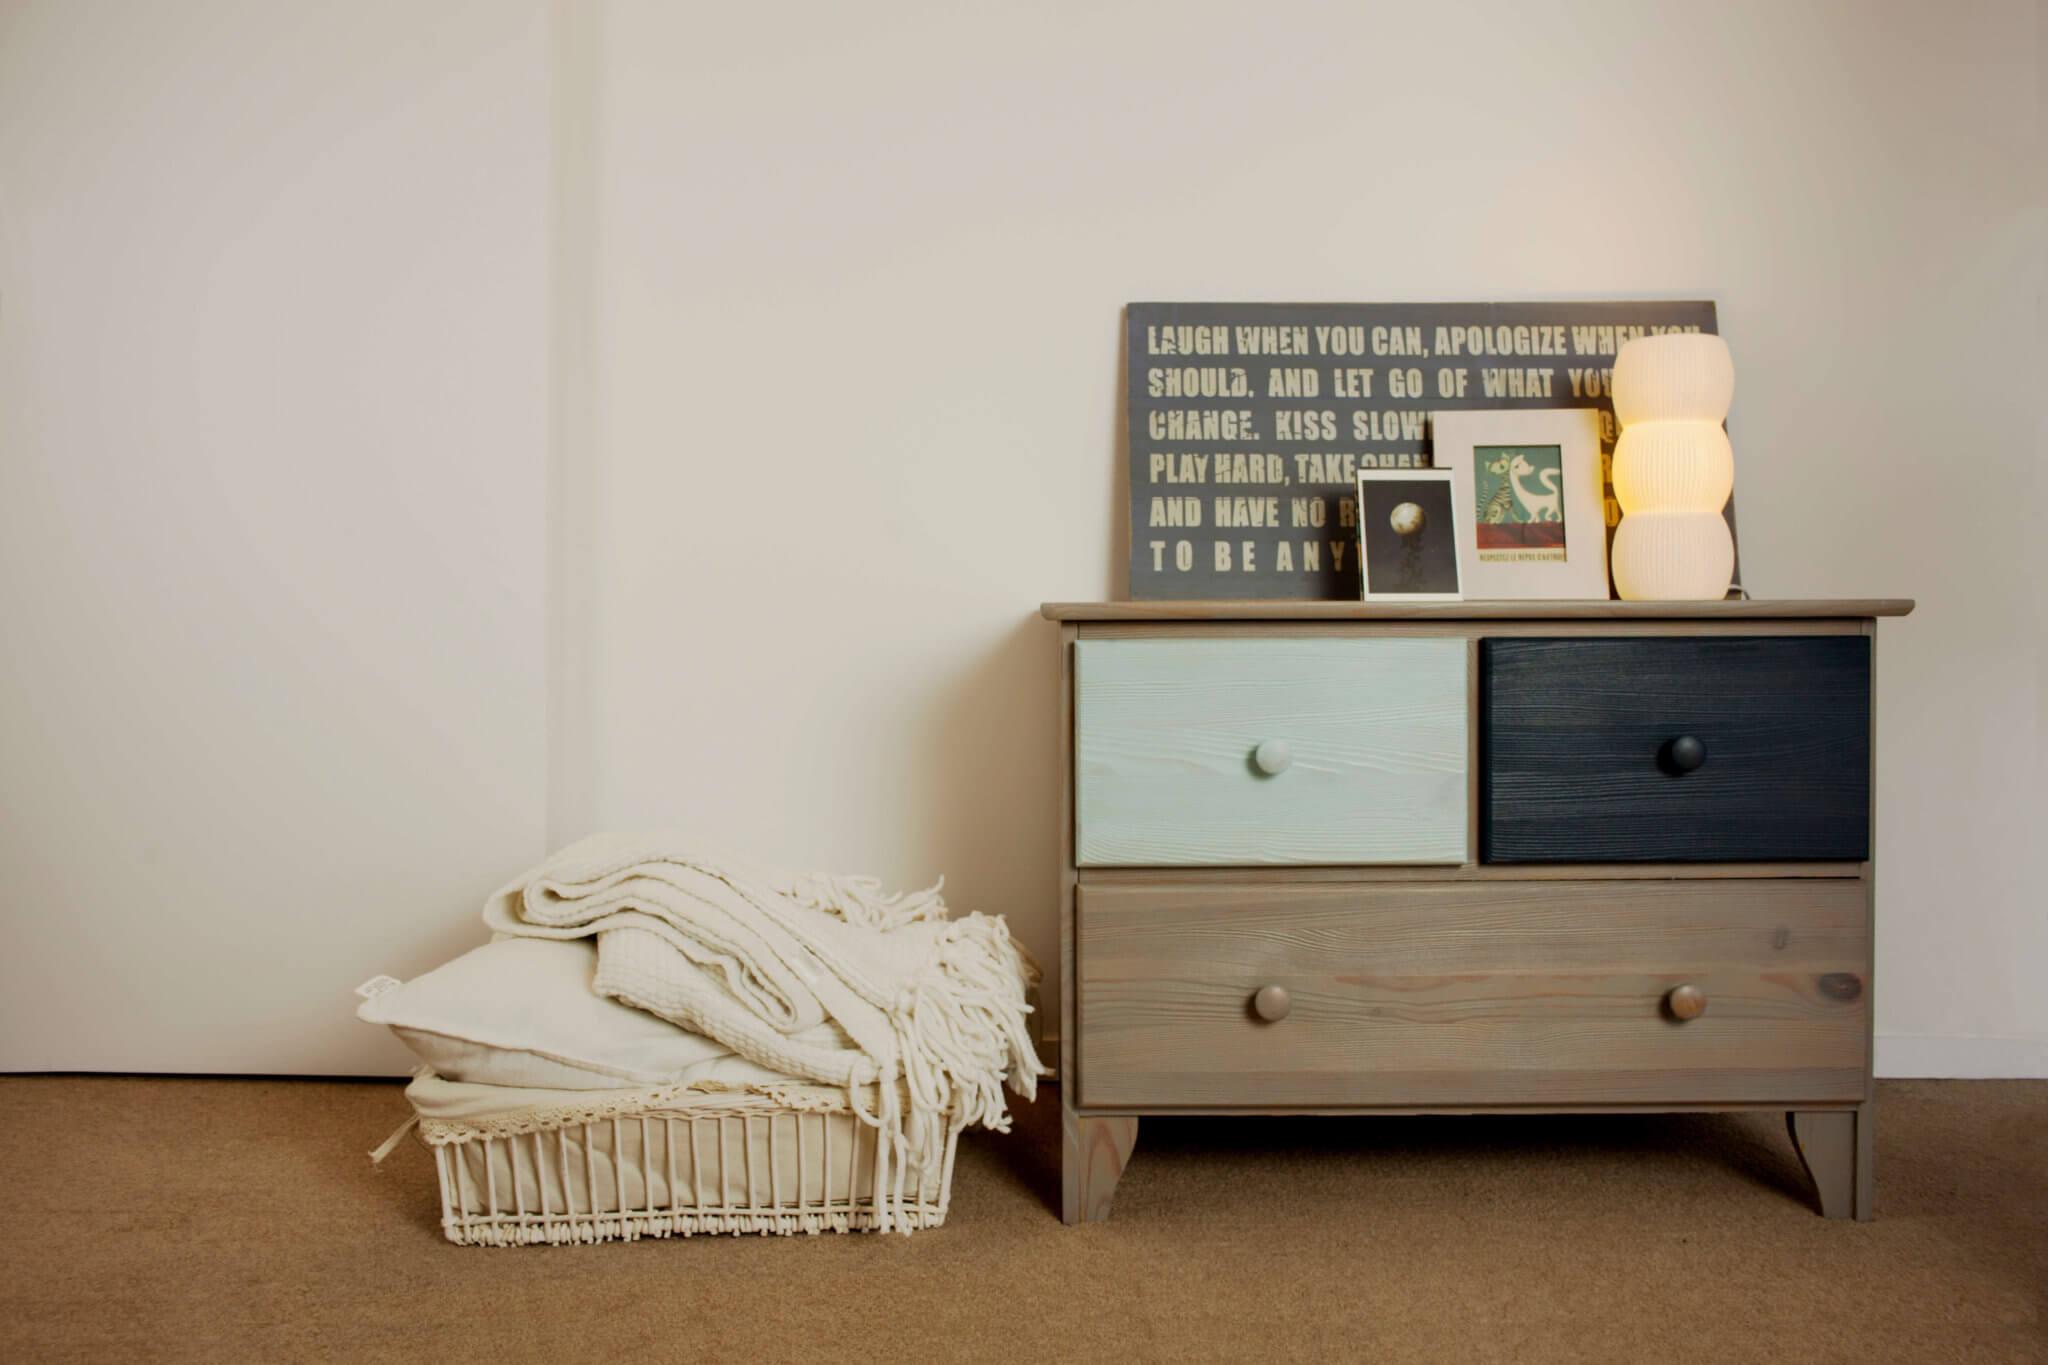 En savoir plus sur les id es de bois et jardin xyladecor for Renover un meuble en bois vernis